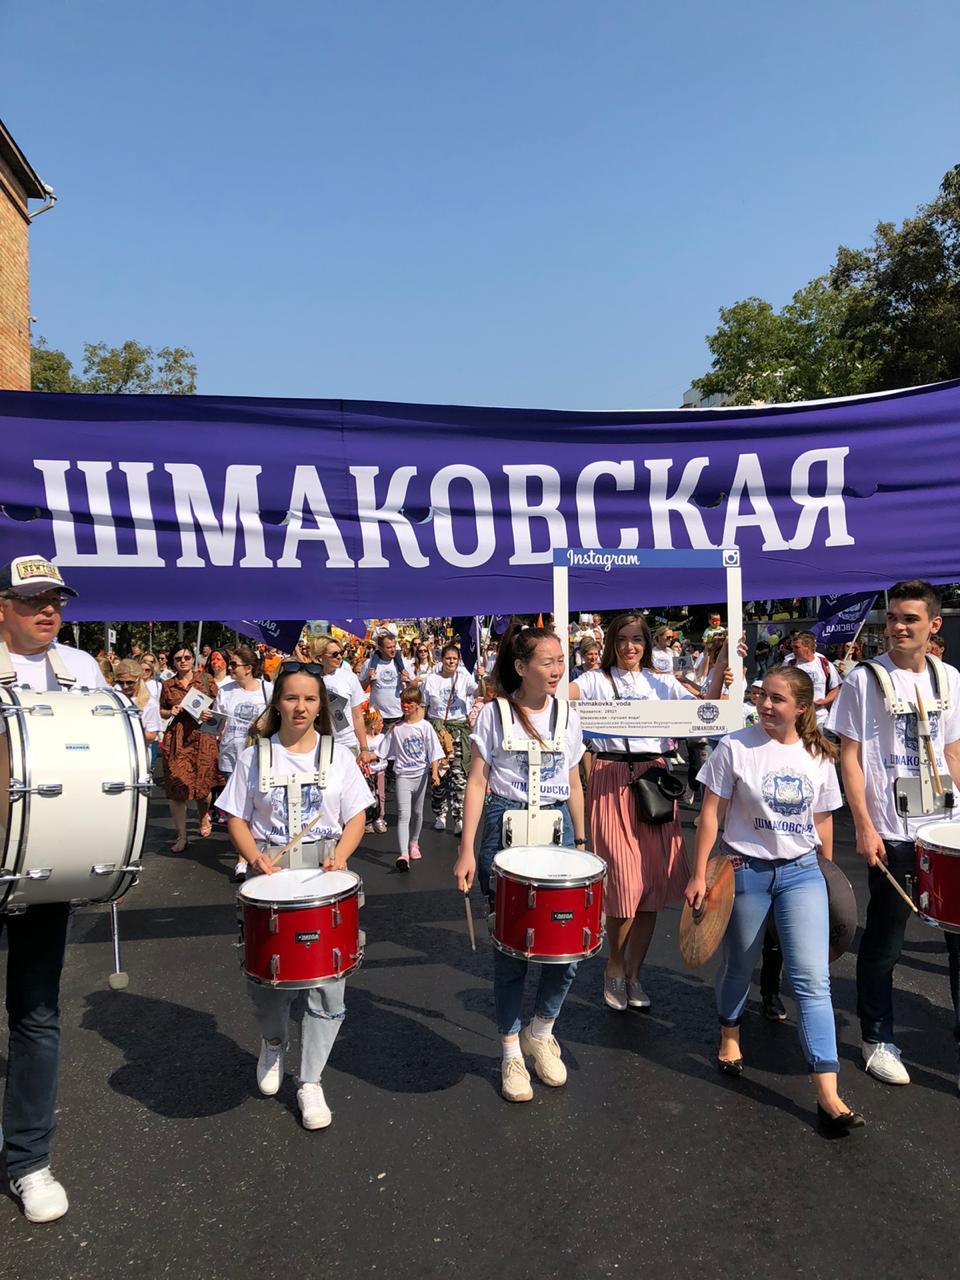 什马科夫弗斯卡亚在老虎日上